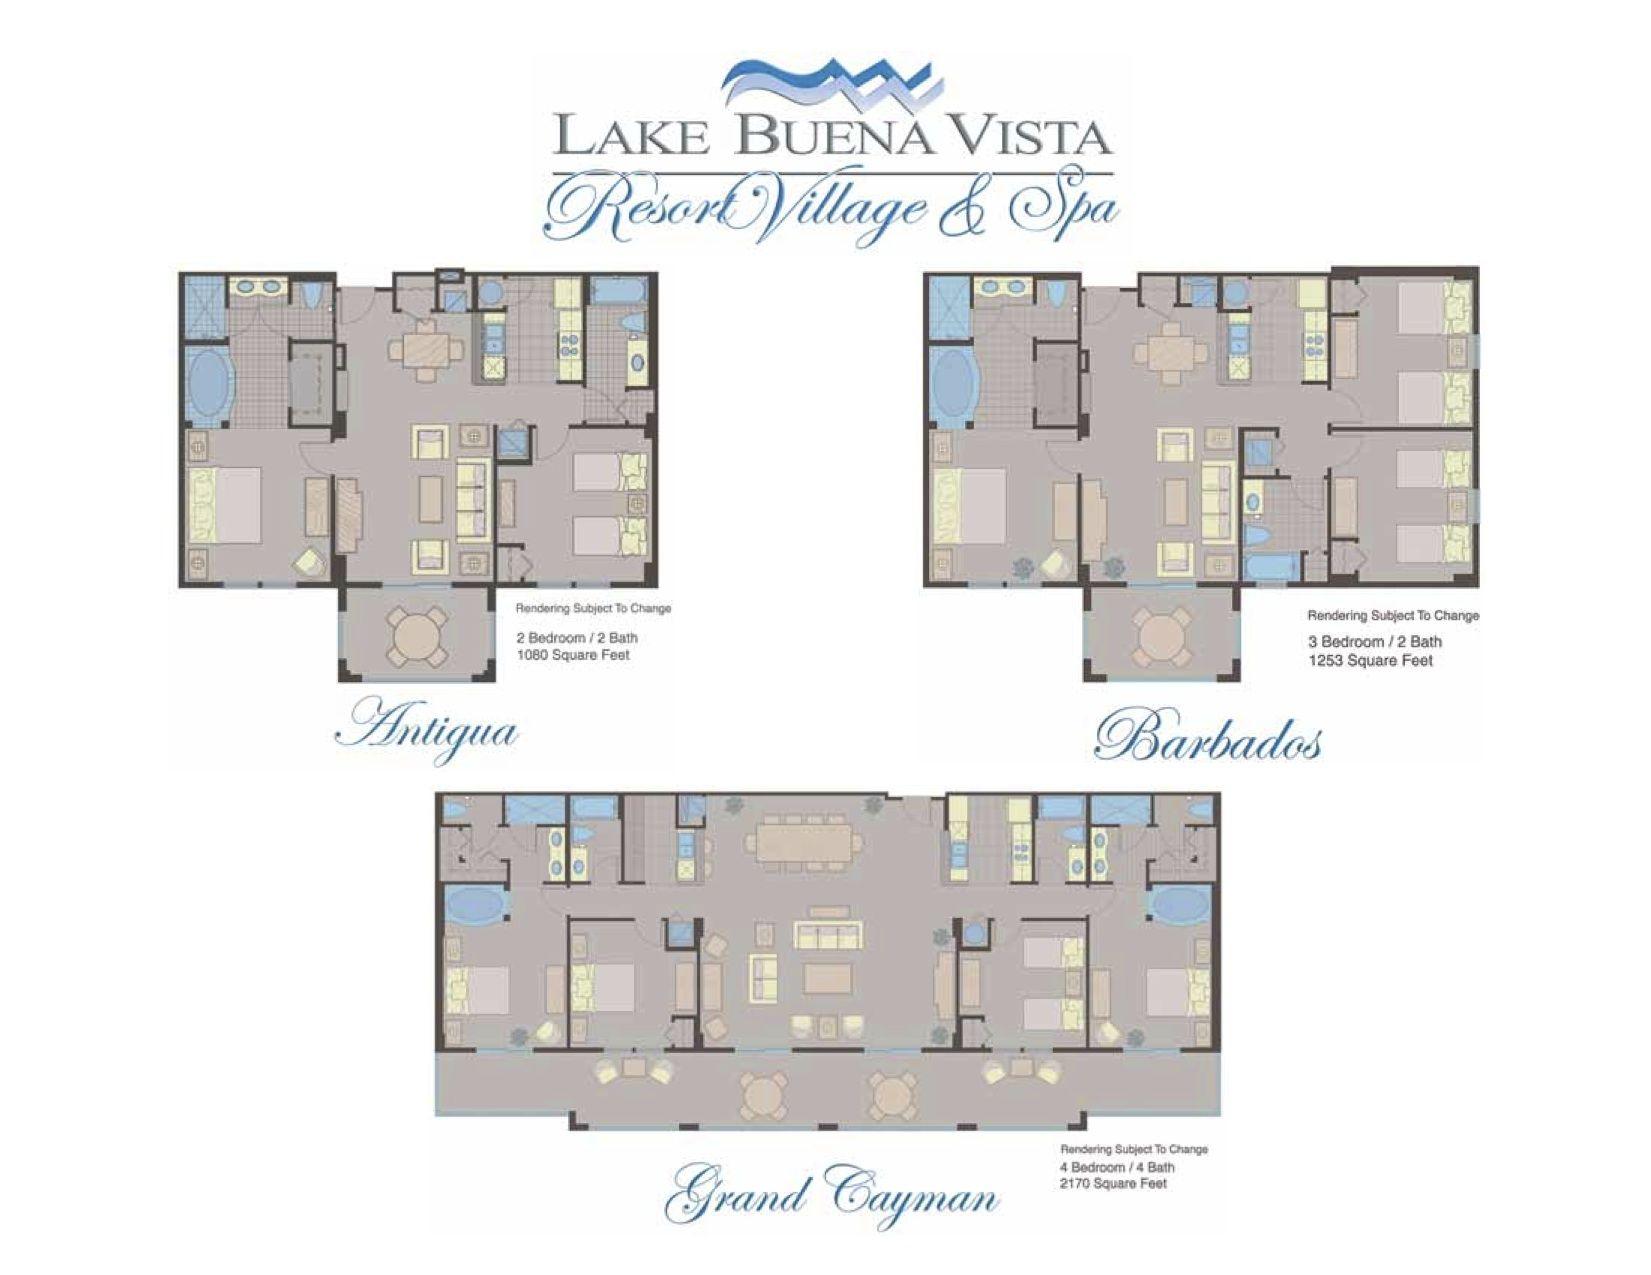 Lake Buena Vista Resort Village And Spa Room Layout